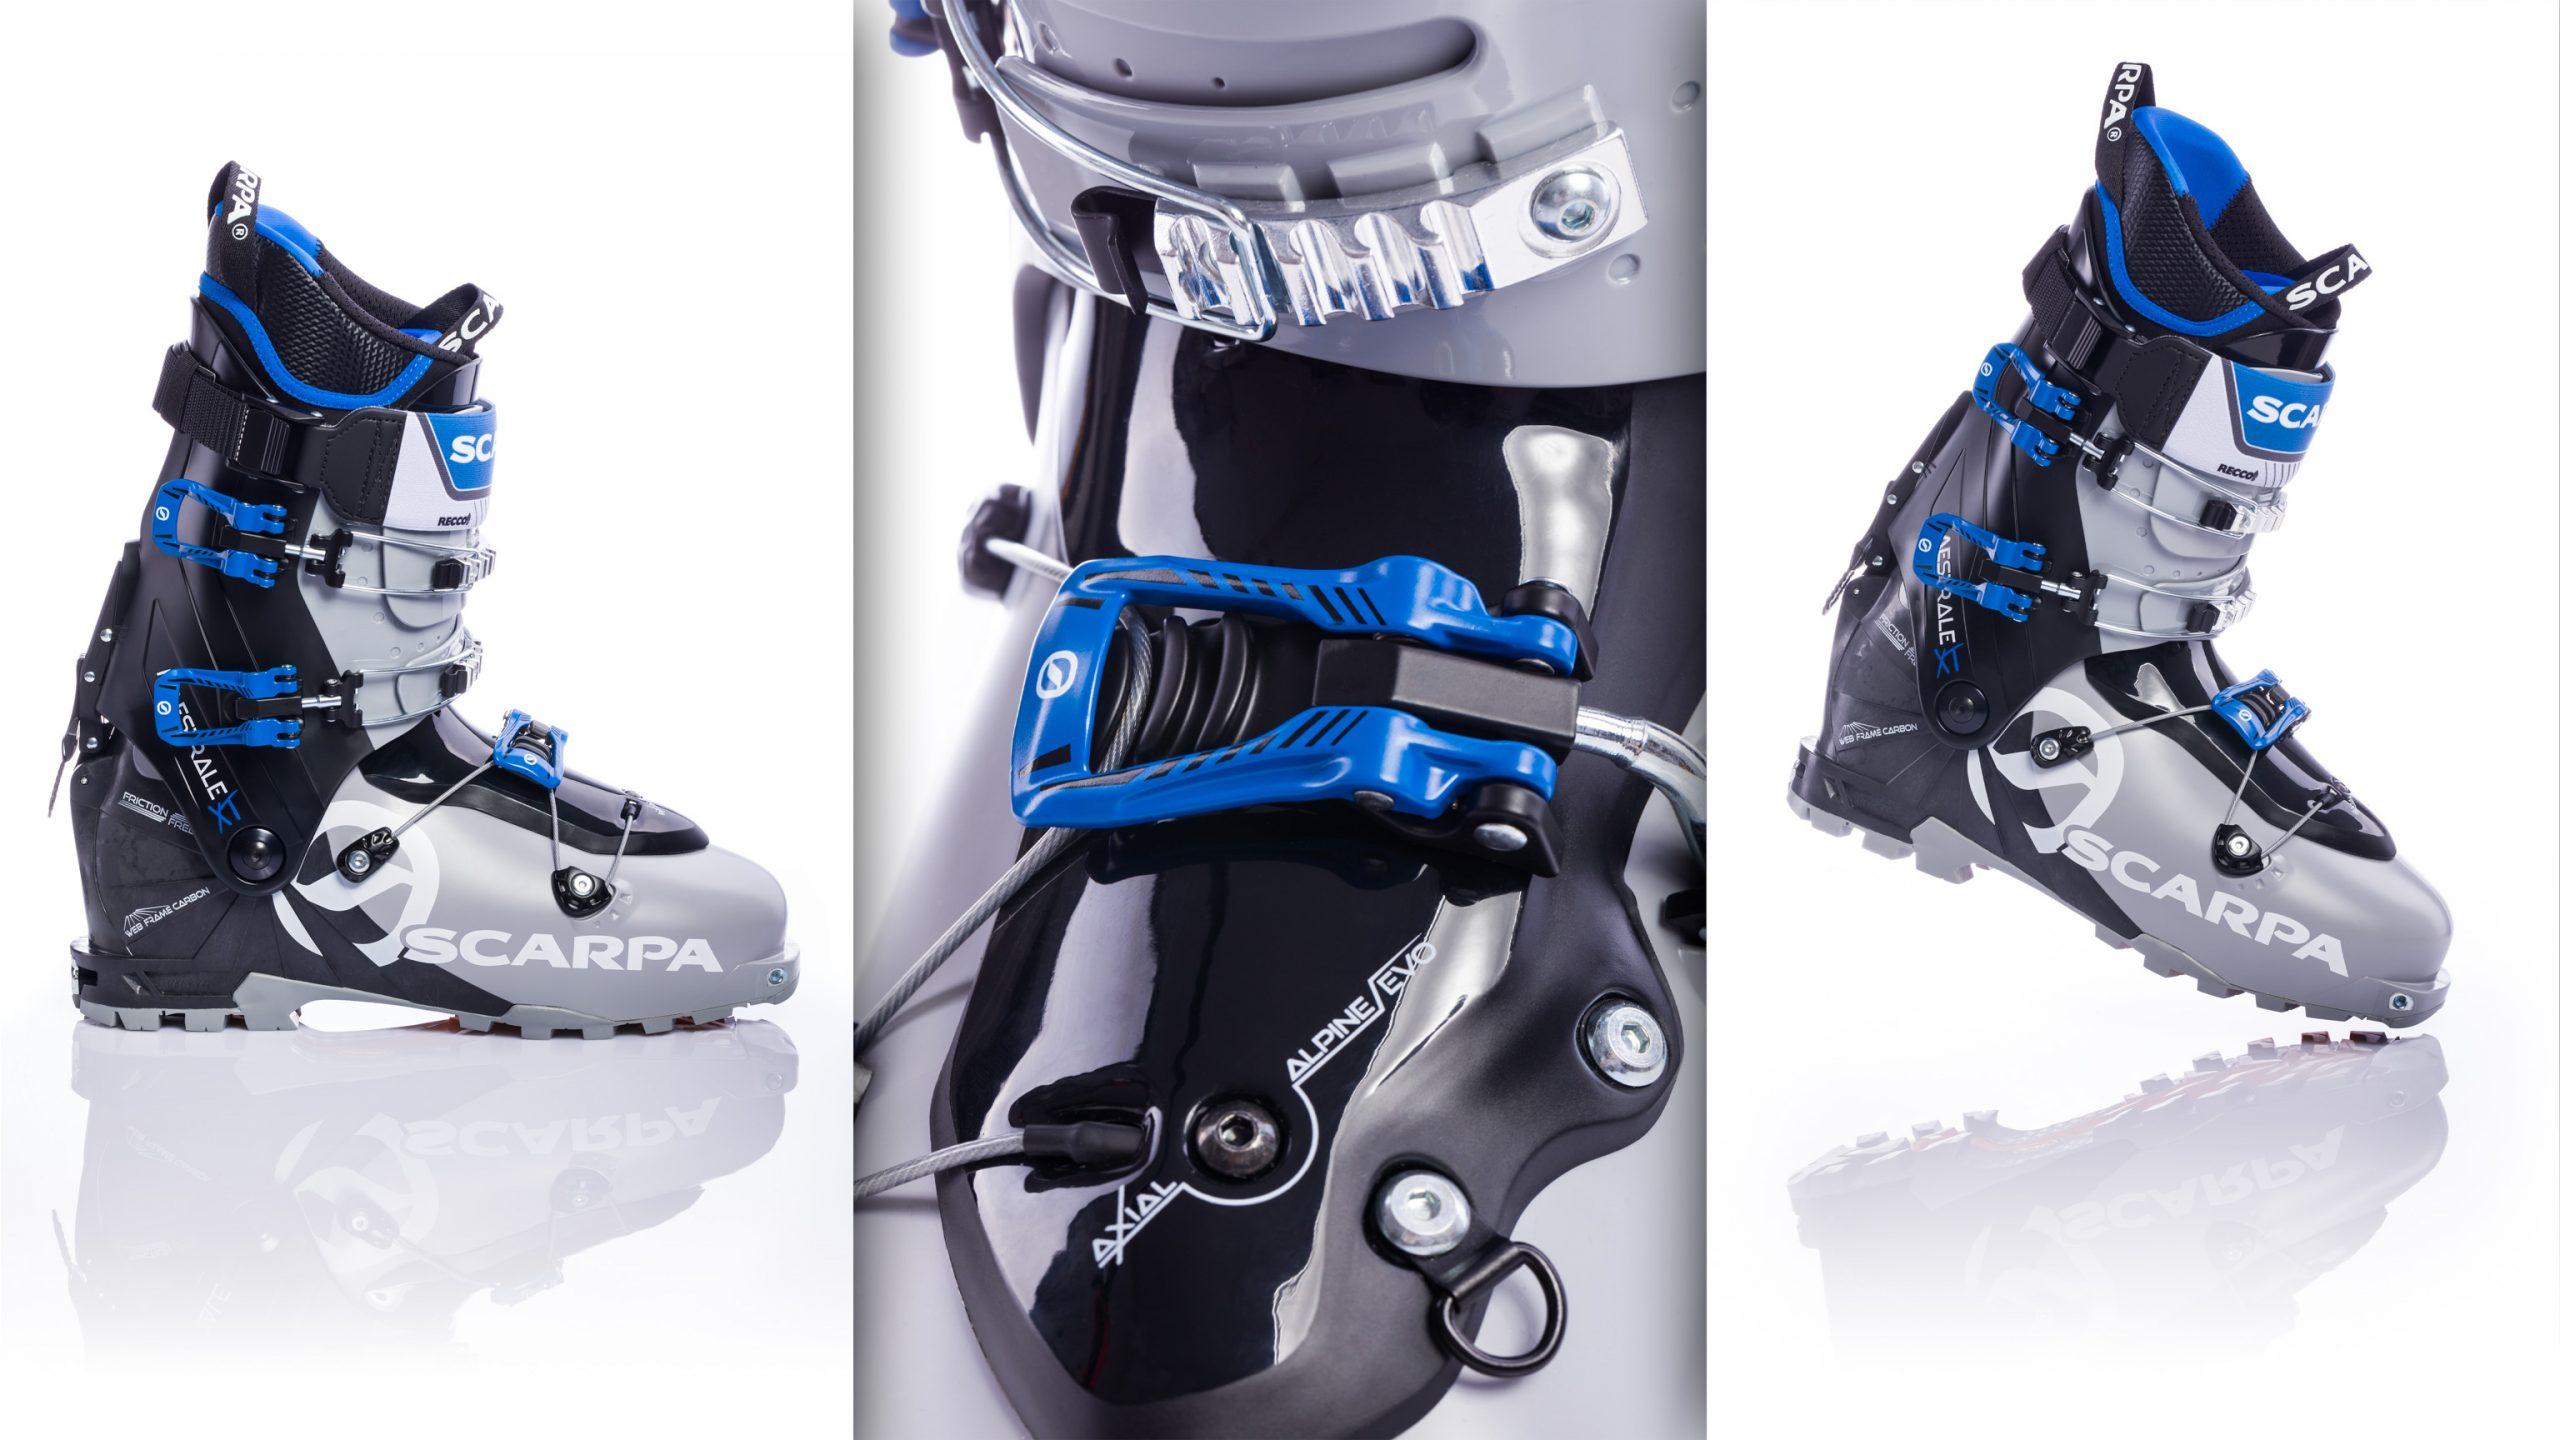 Produktphotos Scarpa Maestrale XT Axial Alpine Evo Tourenskischuh Skischuh Skistiefel mit emotional Detail vor weiß mit Spiegelung